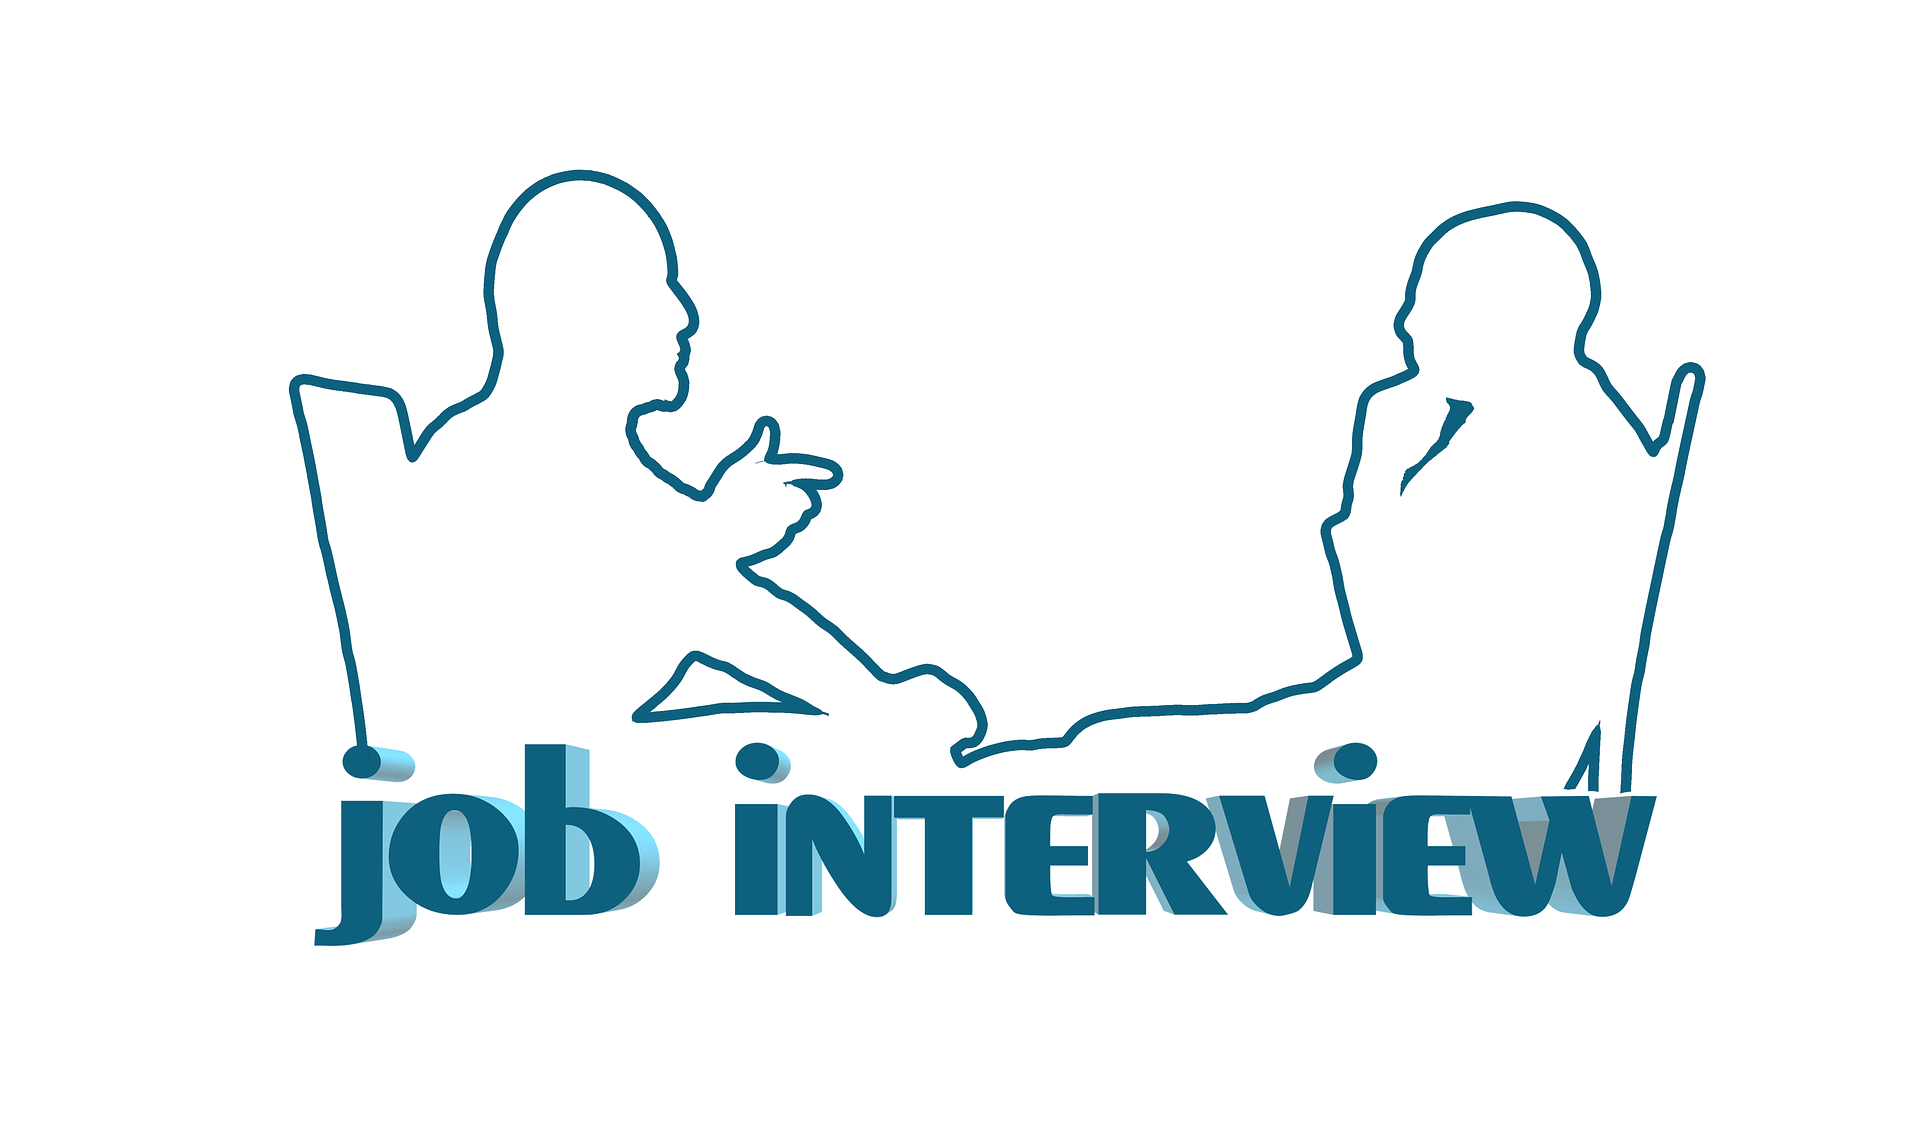 Une journée type dans la vie d'un rédacteur web - Interview !